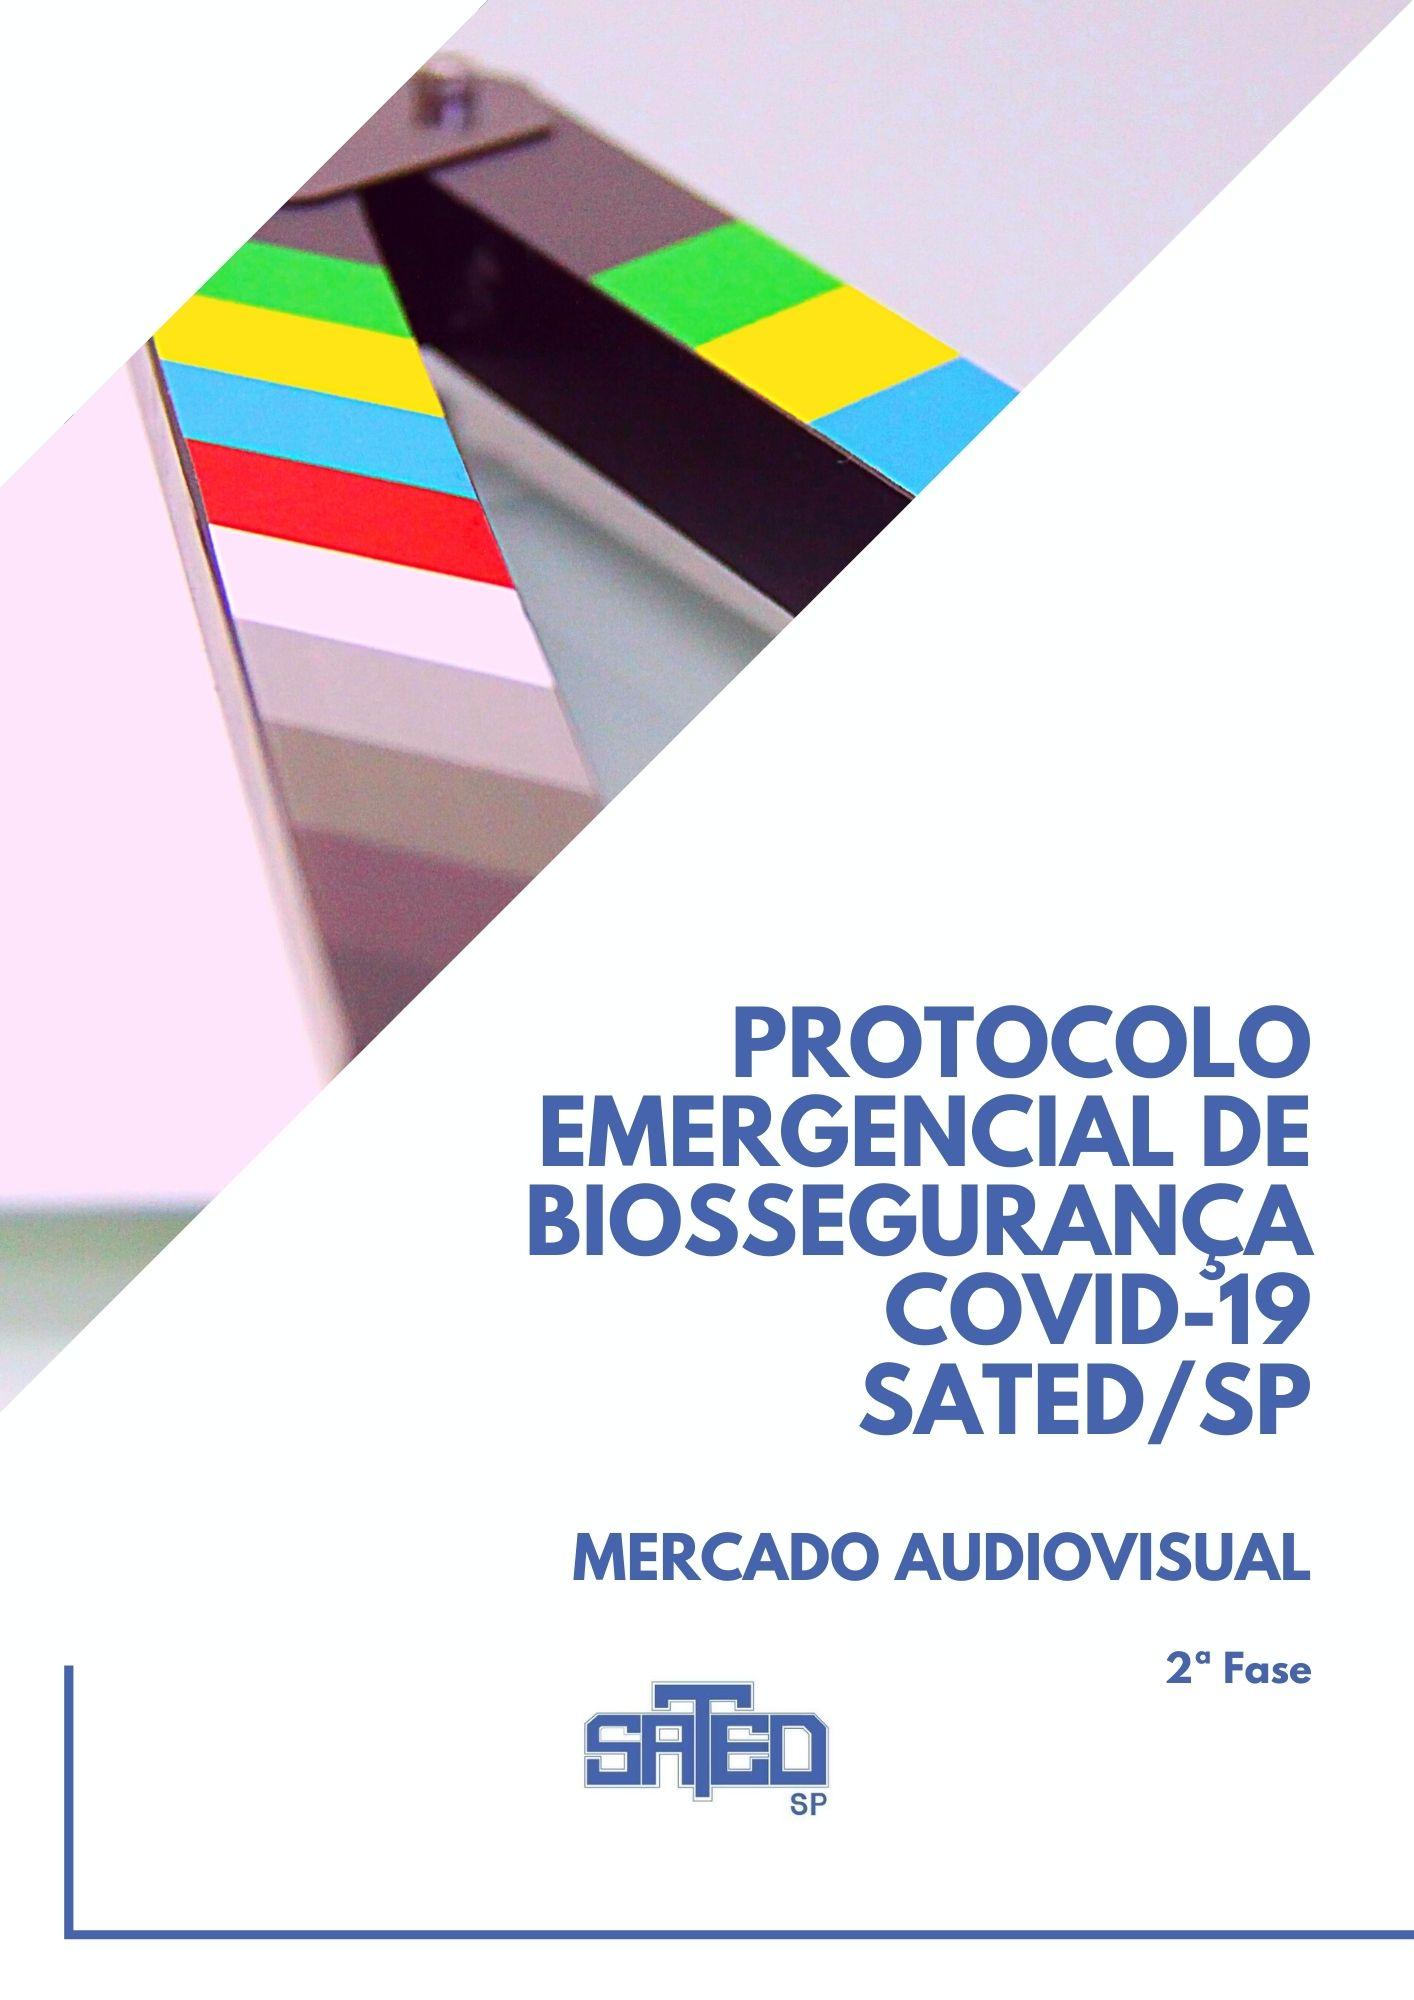 Protocolo Covid 19 – 2ª fase / Elenco Audiovisual